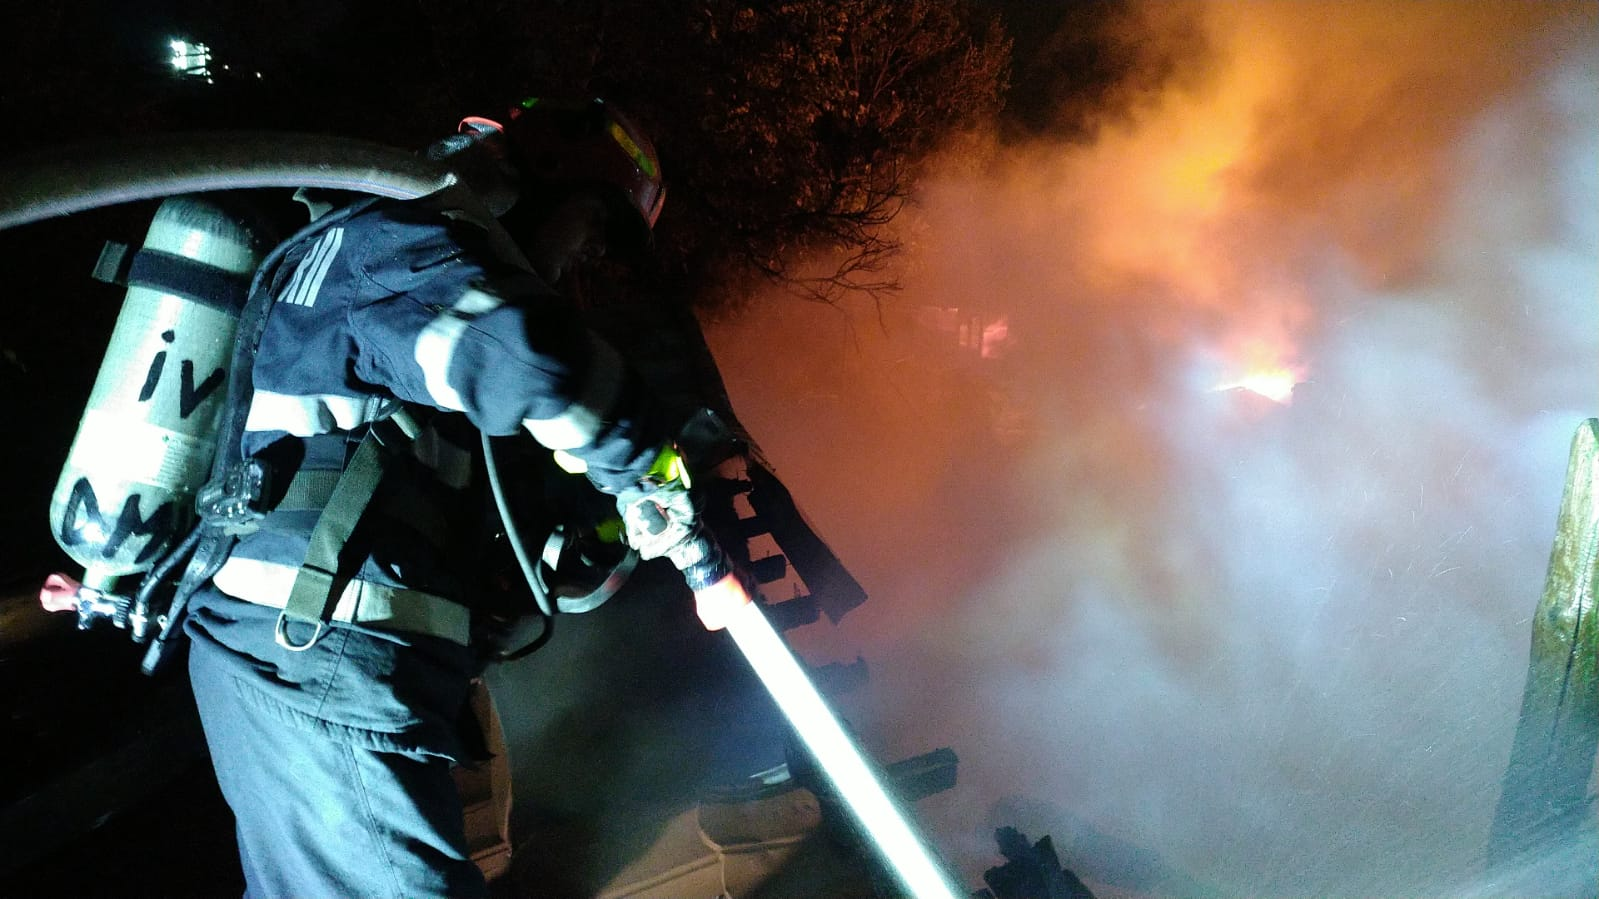 Incendiu la o fabrică de explozivi din Rusia. Șapte persoane au murit, iar nouă sunt date dispărute